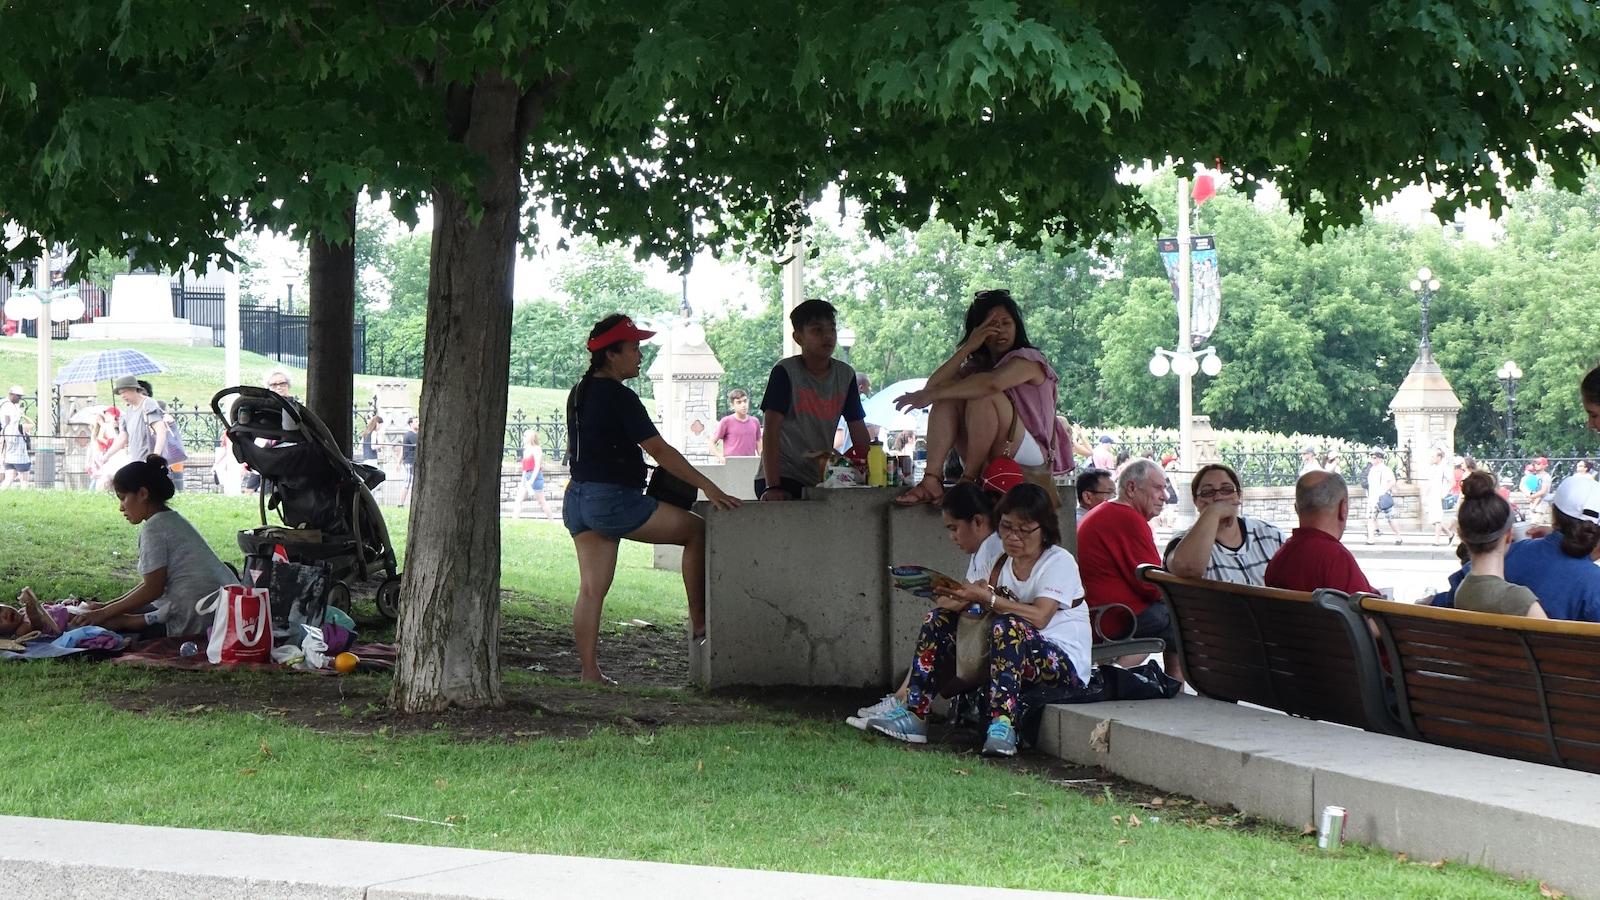 Des gens assis sous un arbre dans un parc du centre-ville d'Ottawa.